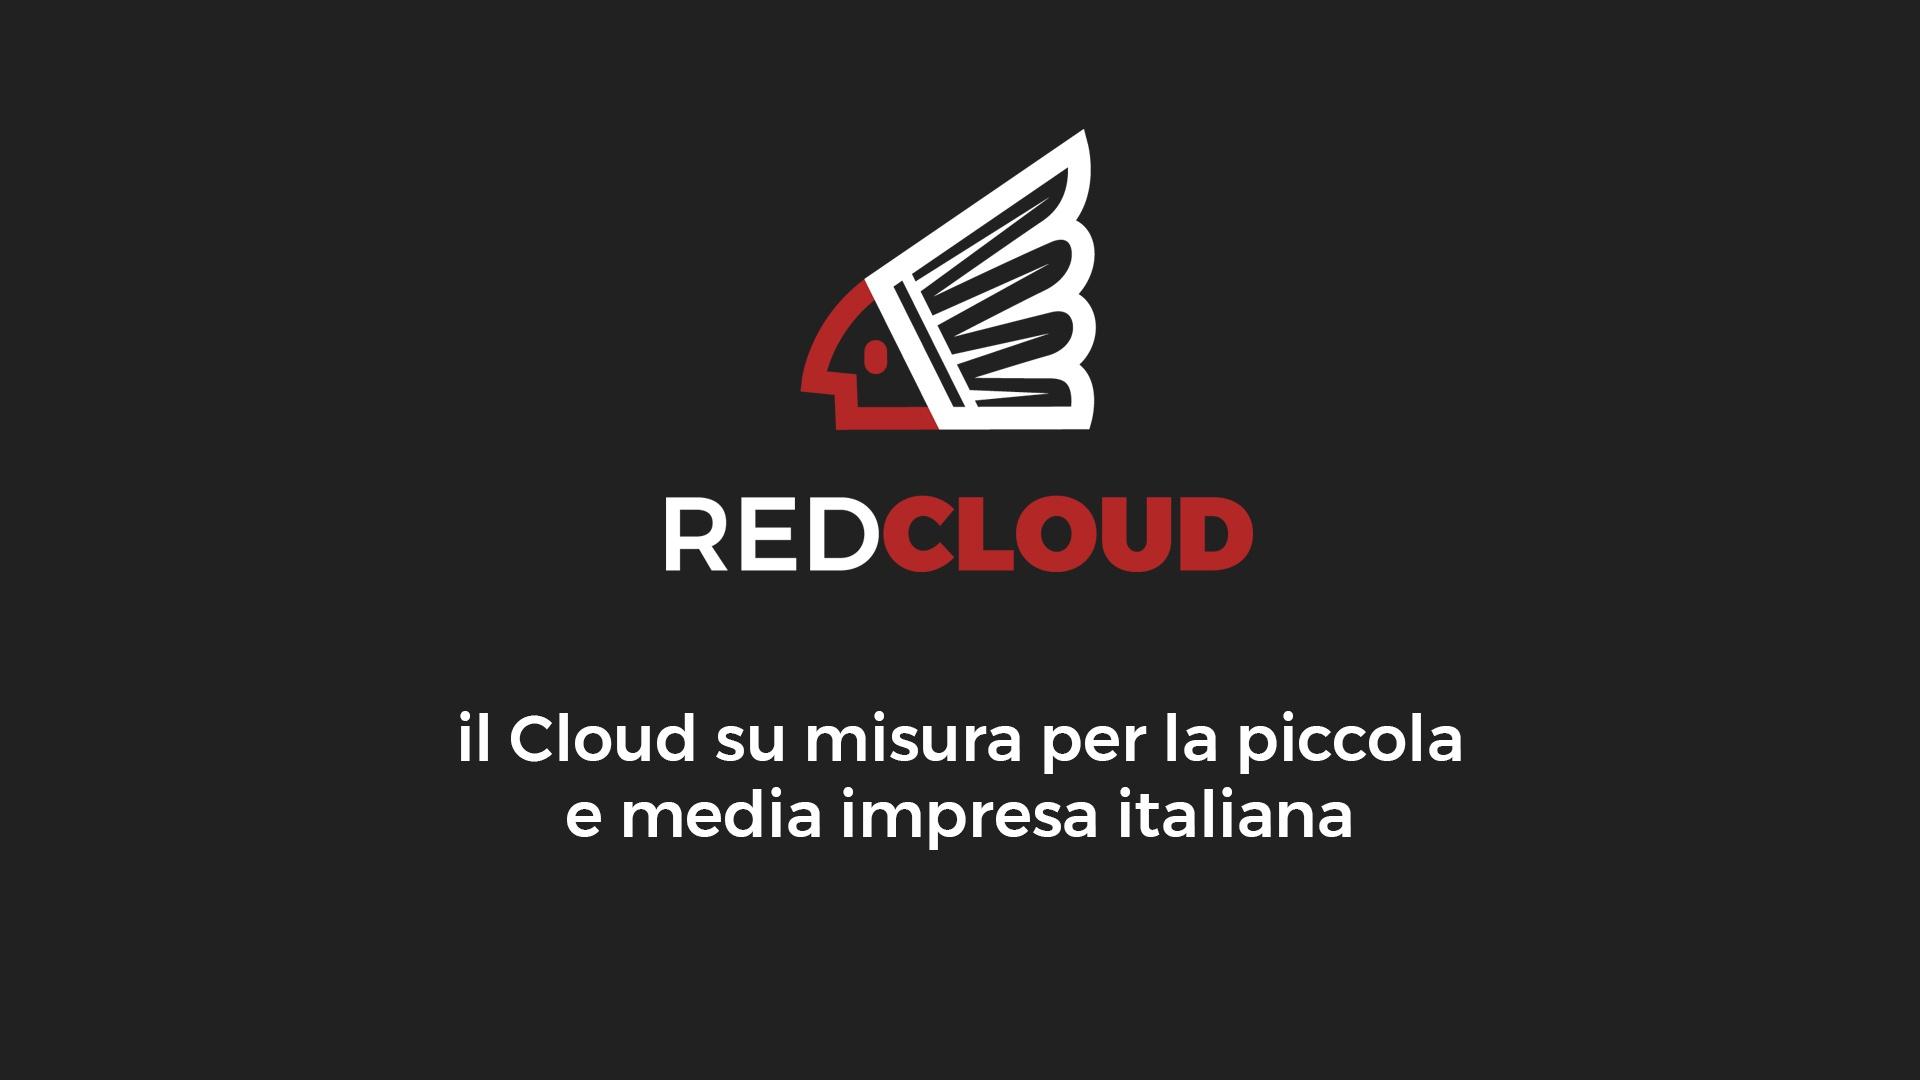 Vieni a conoscere Red Cloud: il Cloud su misura per piccola e media impresa italiana